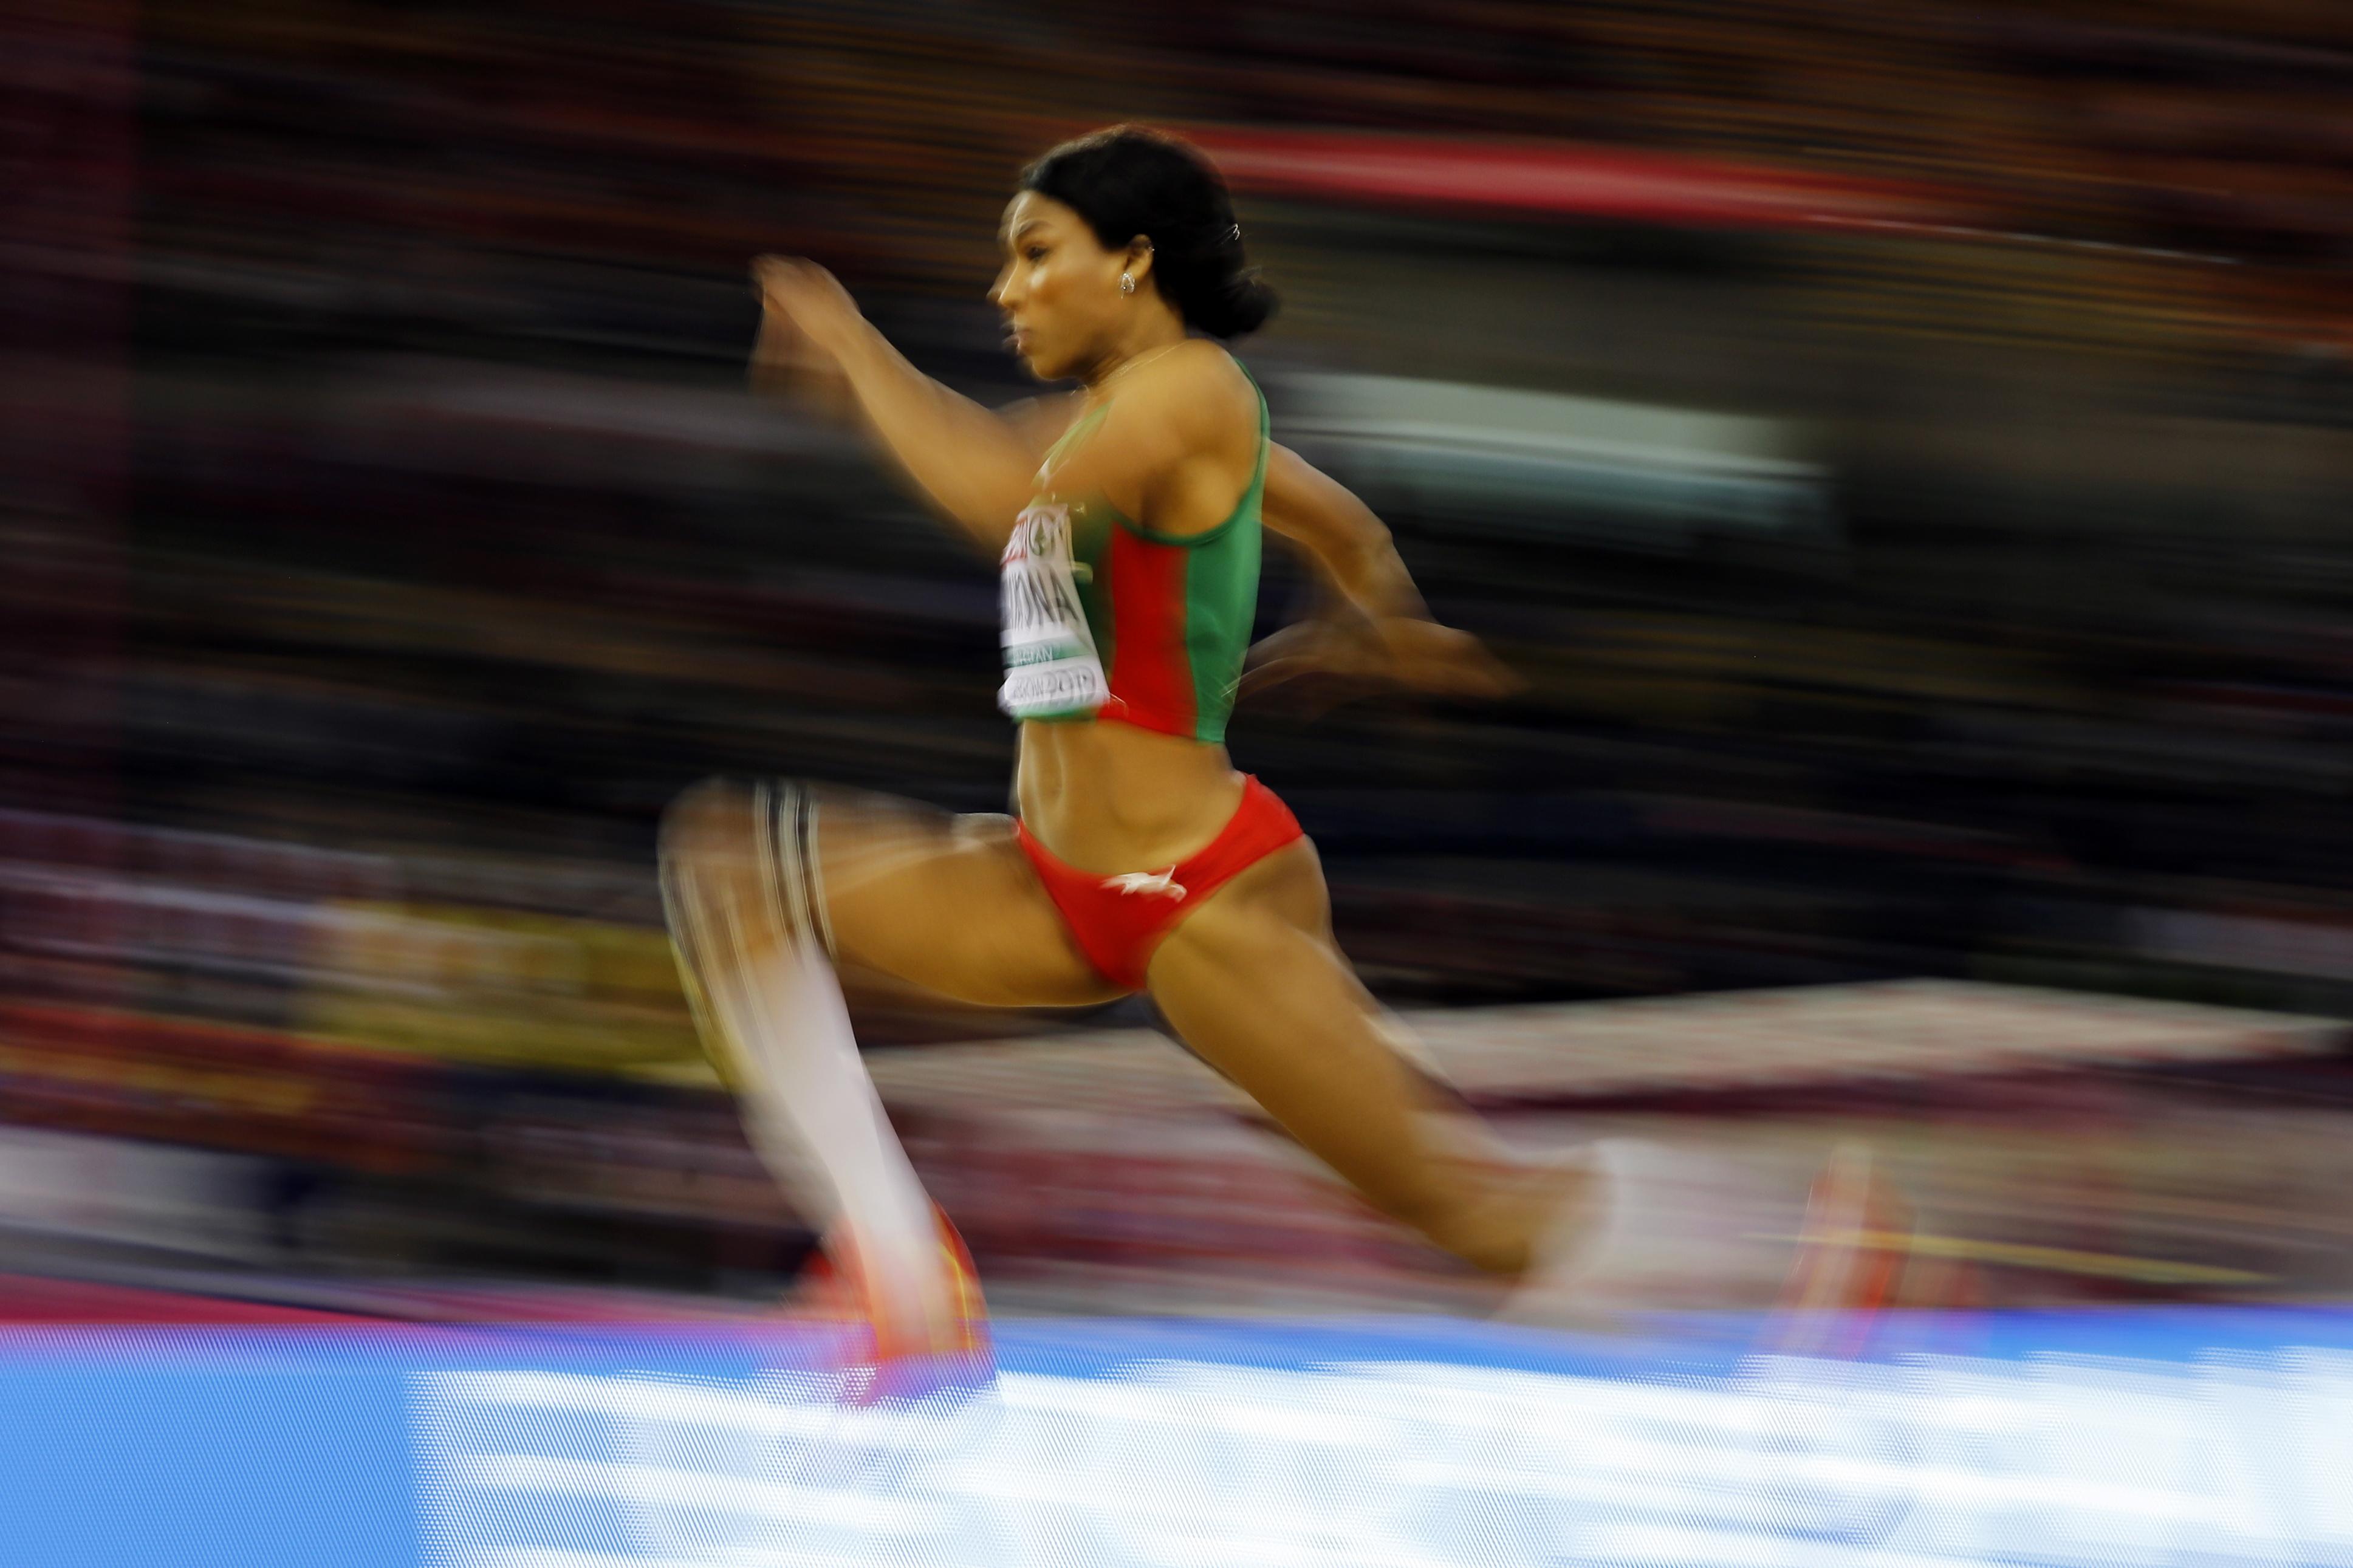 Patrícia Mamona com mínimos para Jogos de Tóquio2020